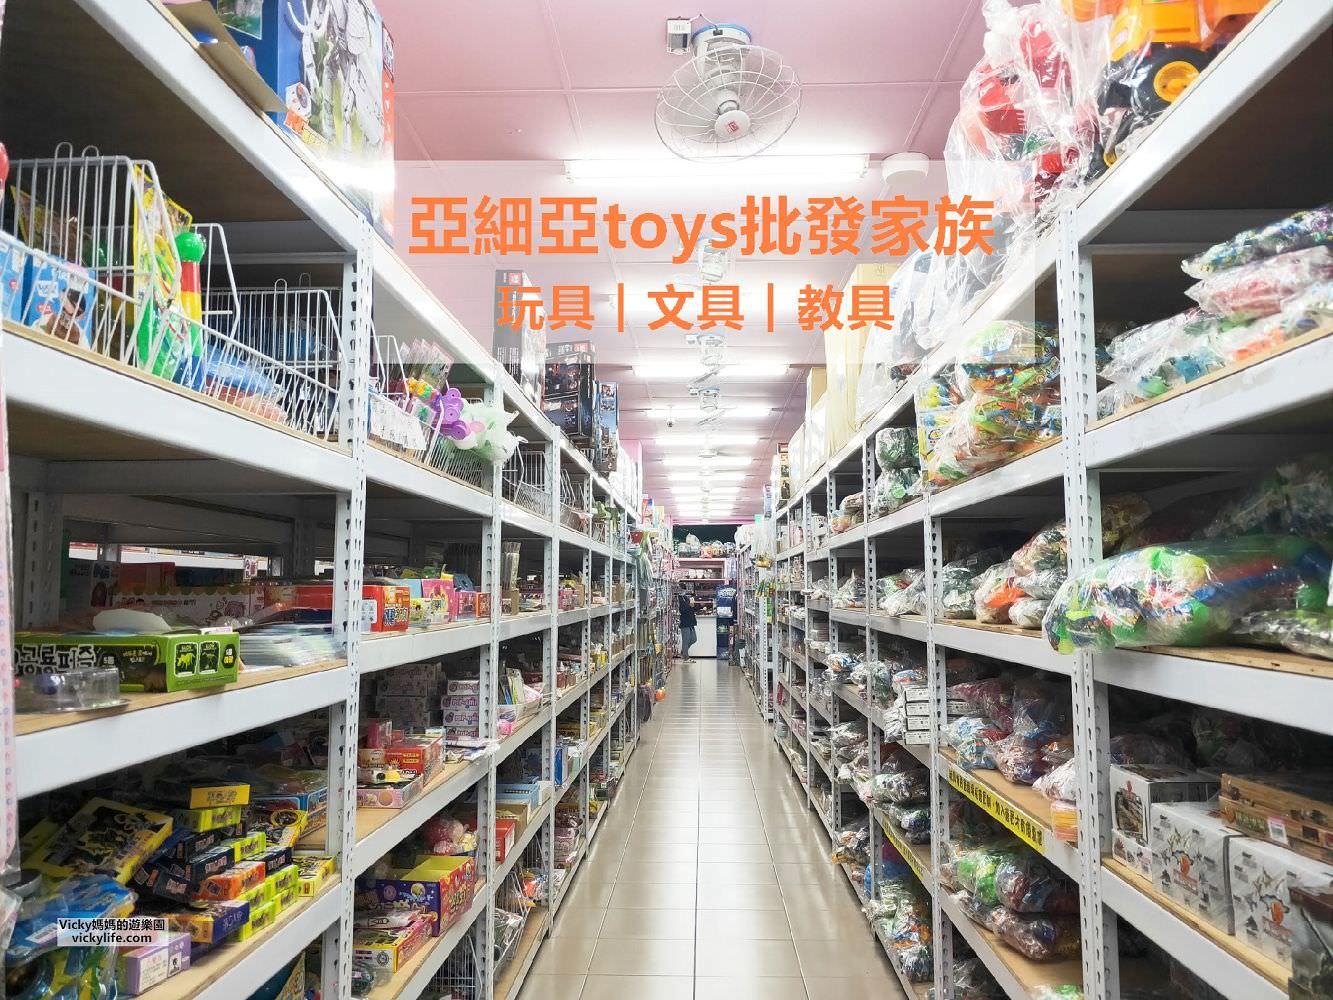 開學文具︱亞細亞toys批發家族:不只買玩具,也買文具,還可買日常用品,通通批發價